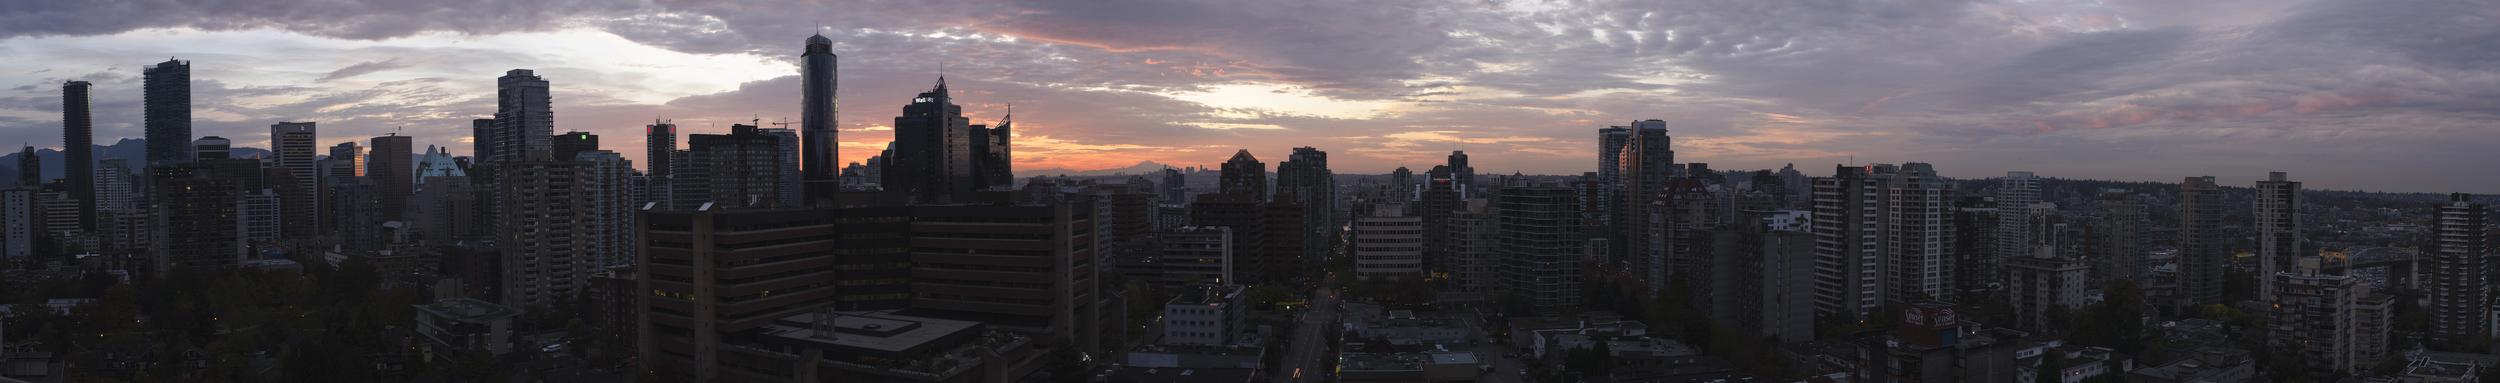 Van City Morning FB.jpg